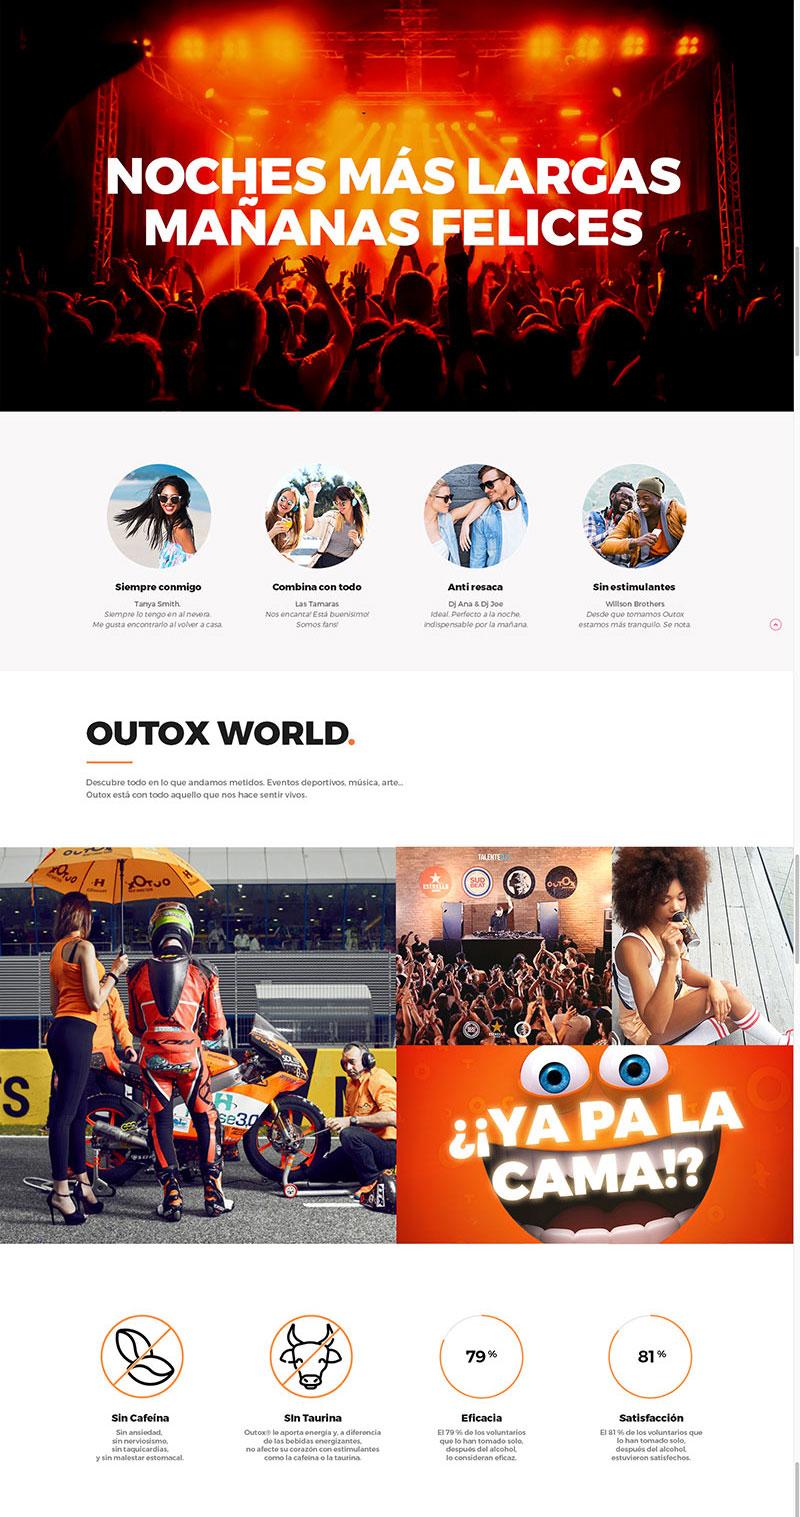 Parte del diseño web one page con video corporativo, opiniones de consumidores y Outox world con noticias sobre eventos outox